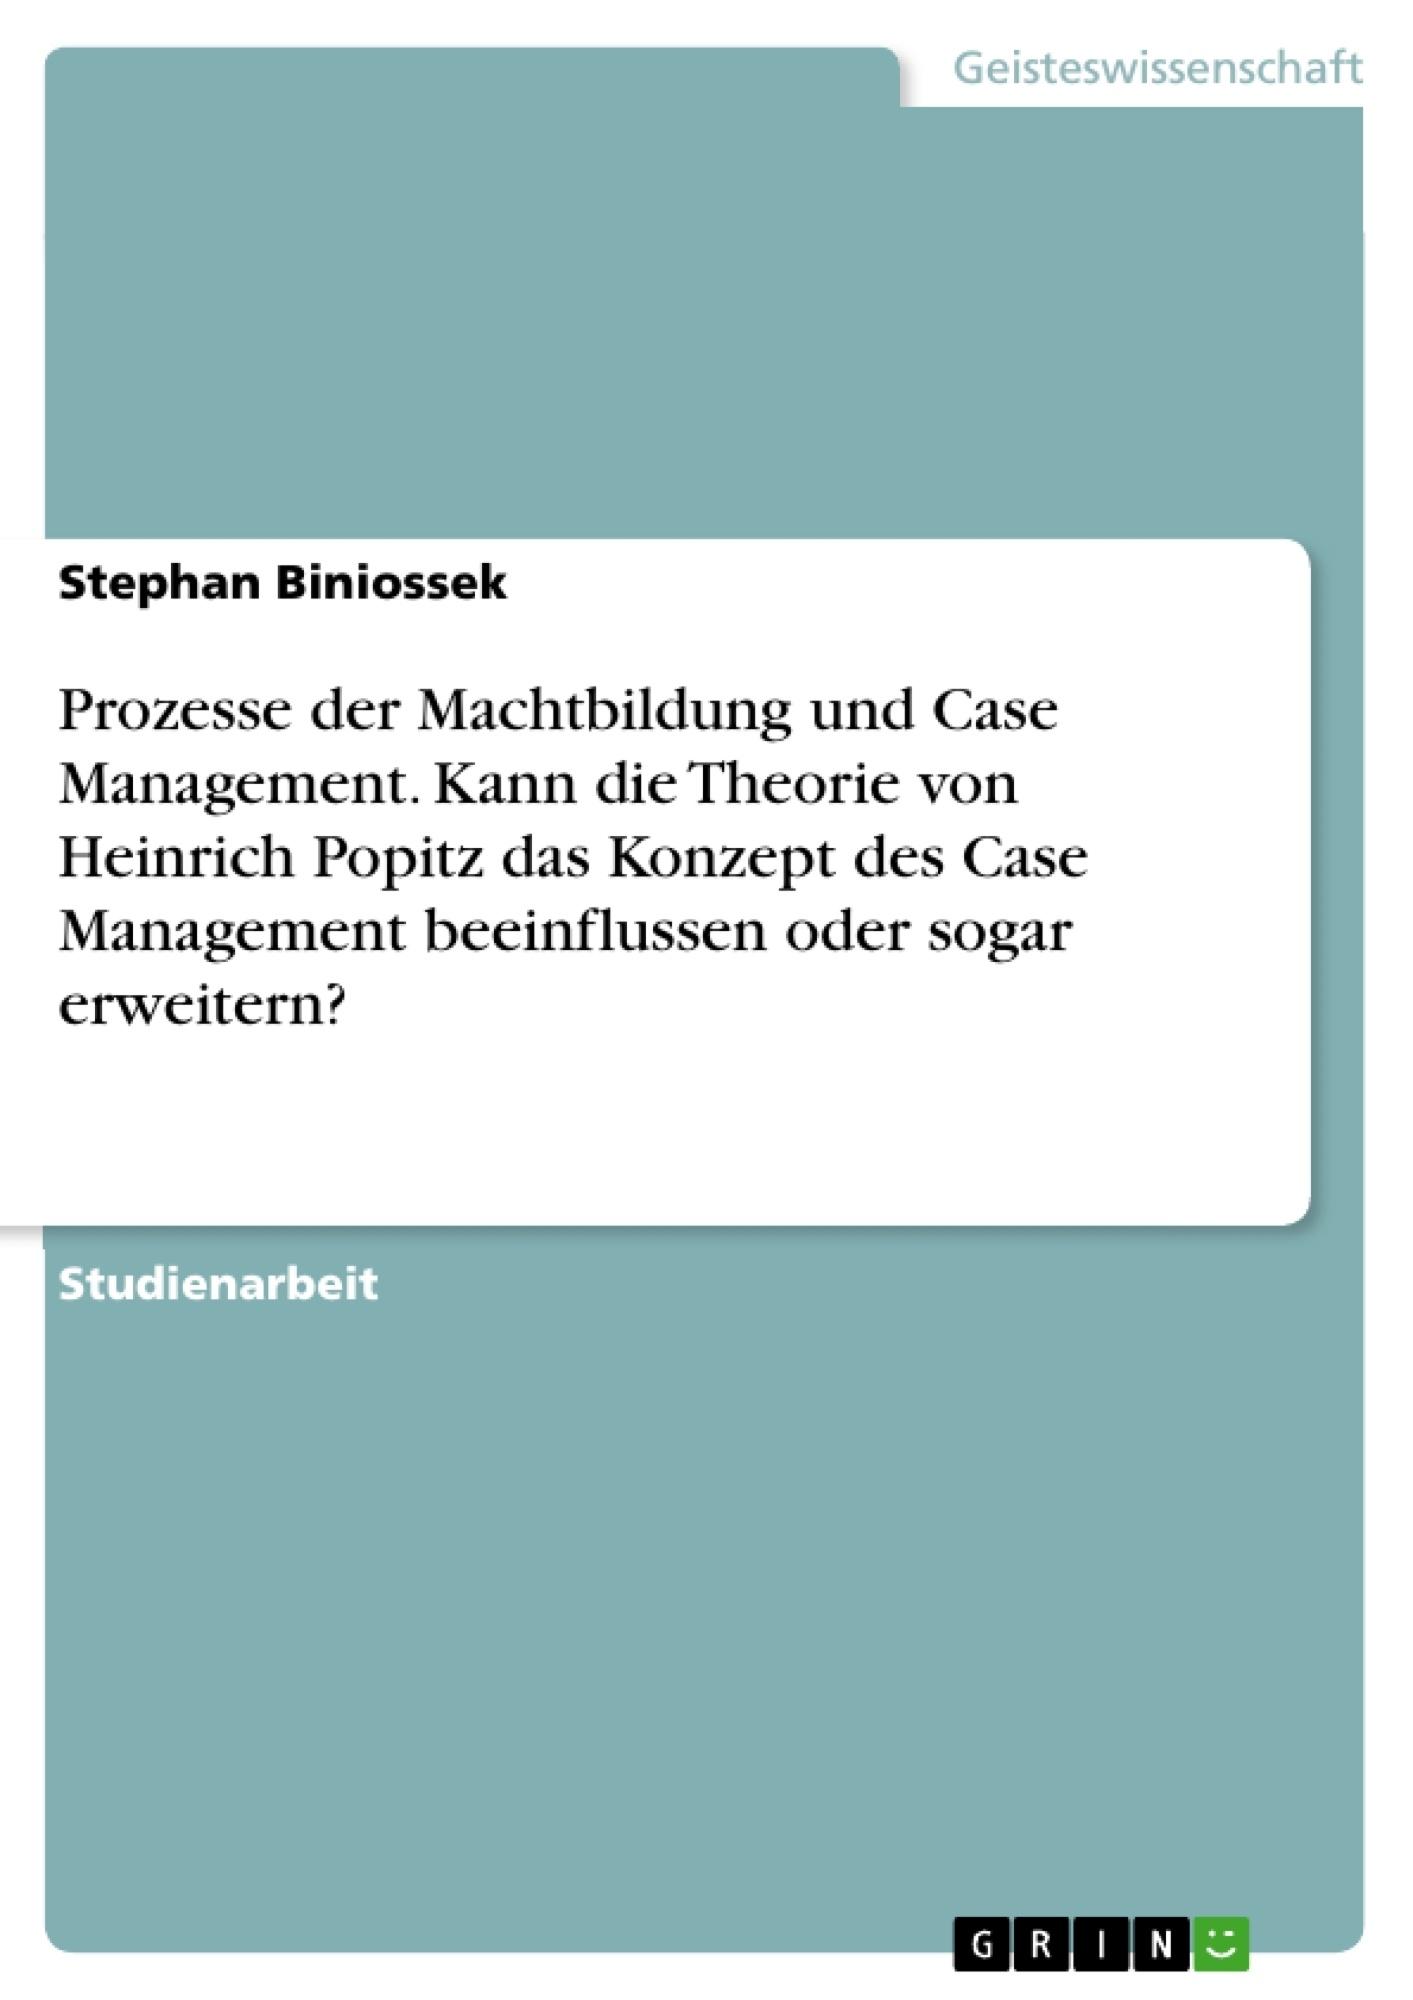 Titel: Prozesse der Machtbildung und Case Management. Kann die Theorie von Heinrich Popitz das Konzept des Case Management beeinflussen oder sogar erweitern?